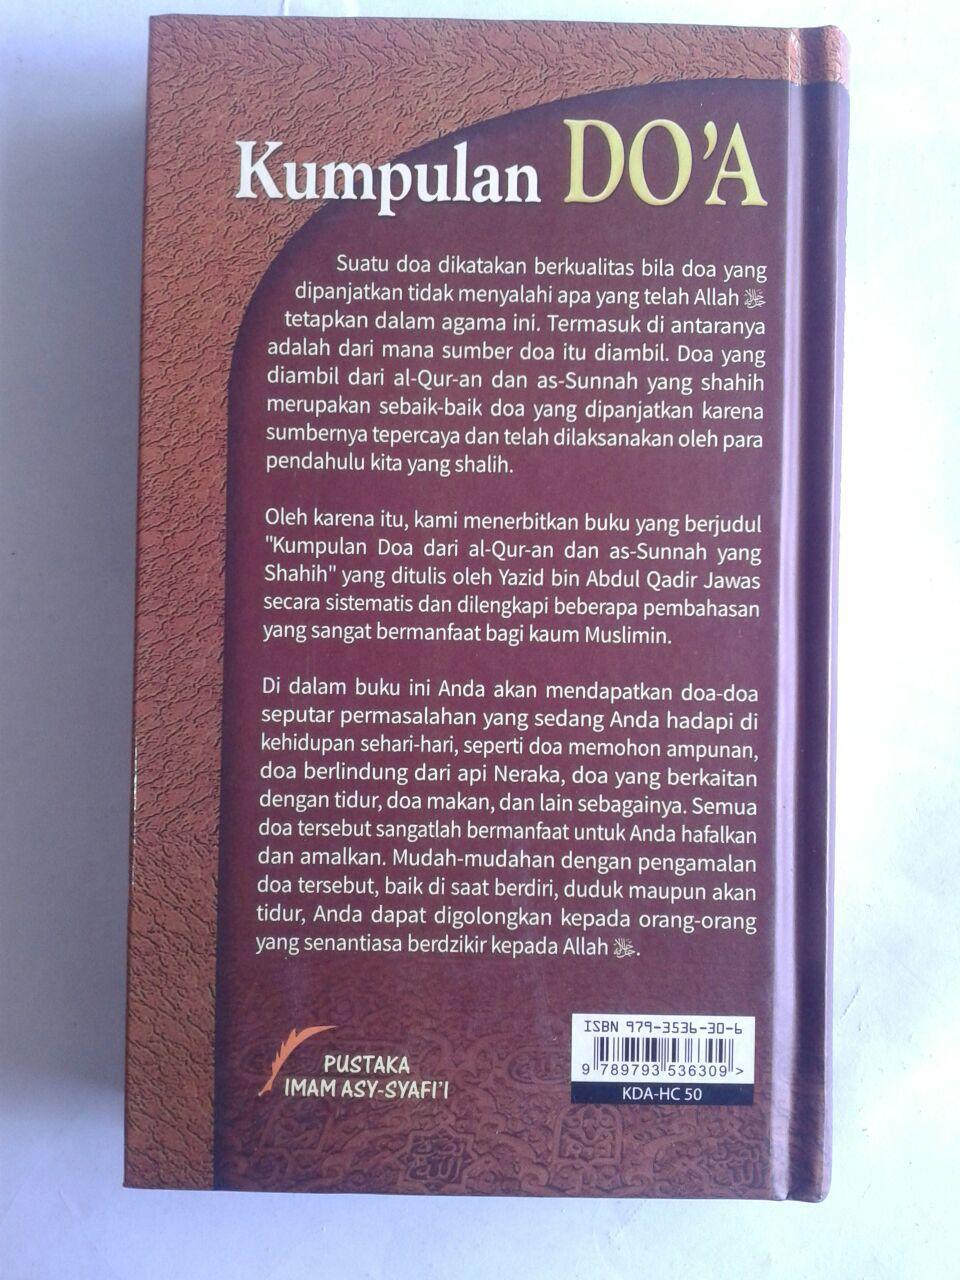 Buku Kumpulan Doa Dari Al-Quran dan As-Sunnah Yang Shahih cover 2